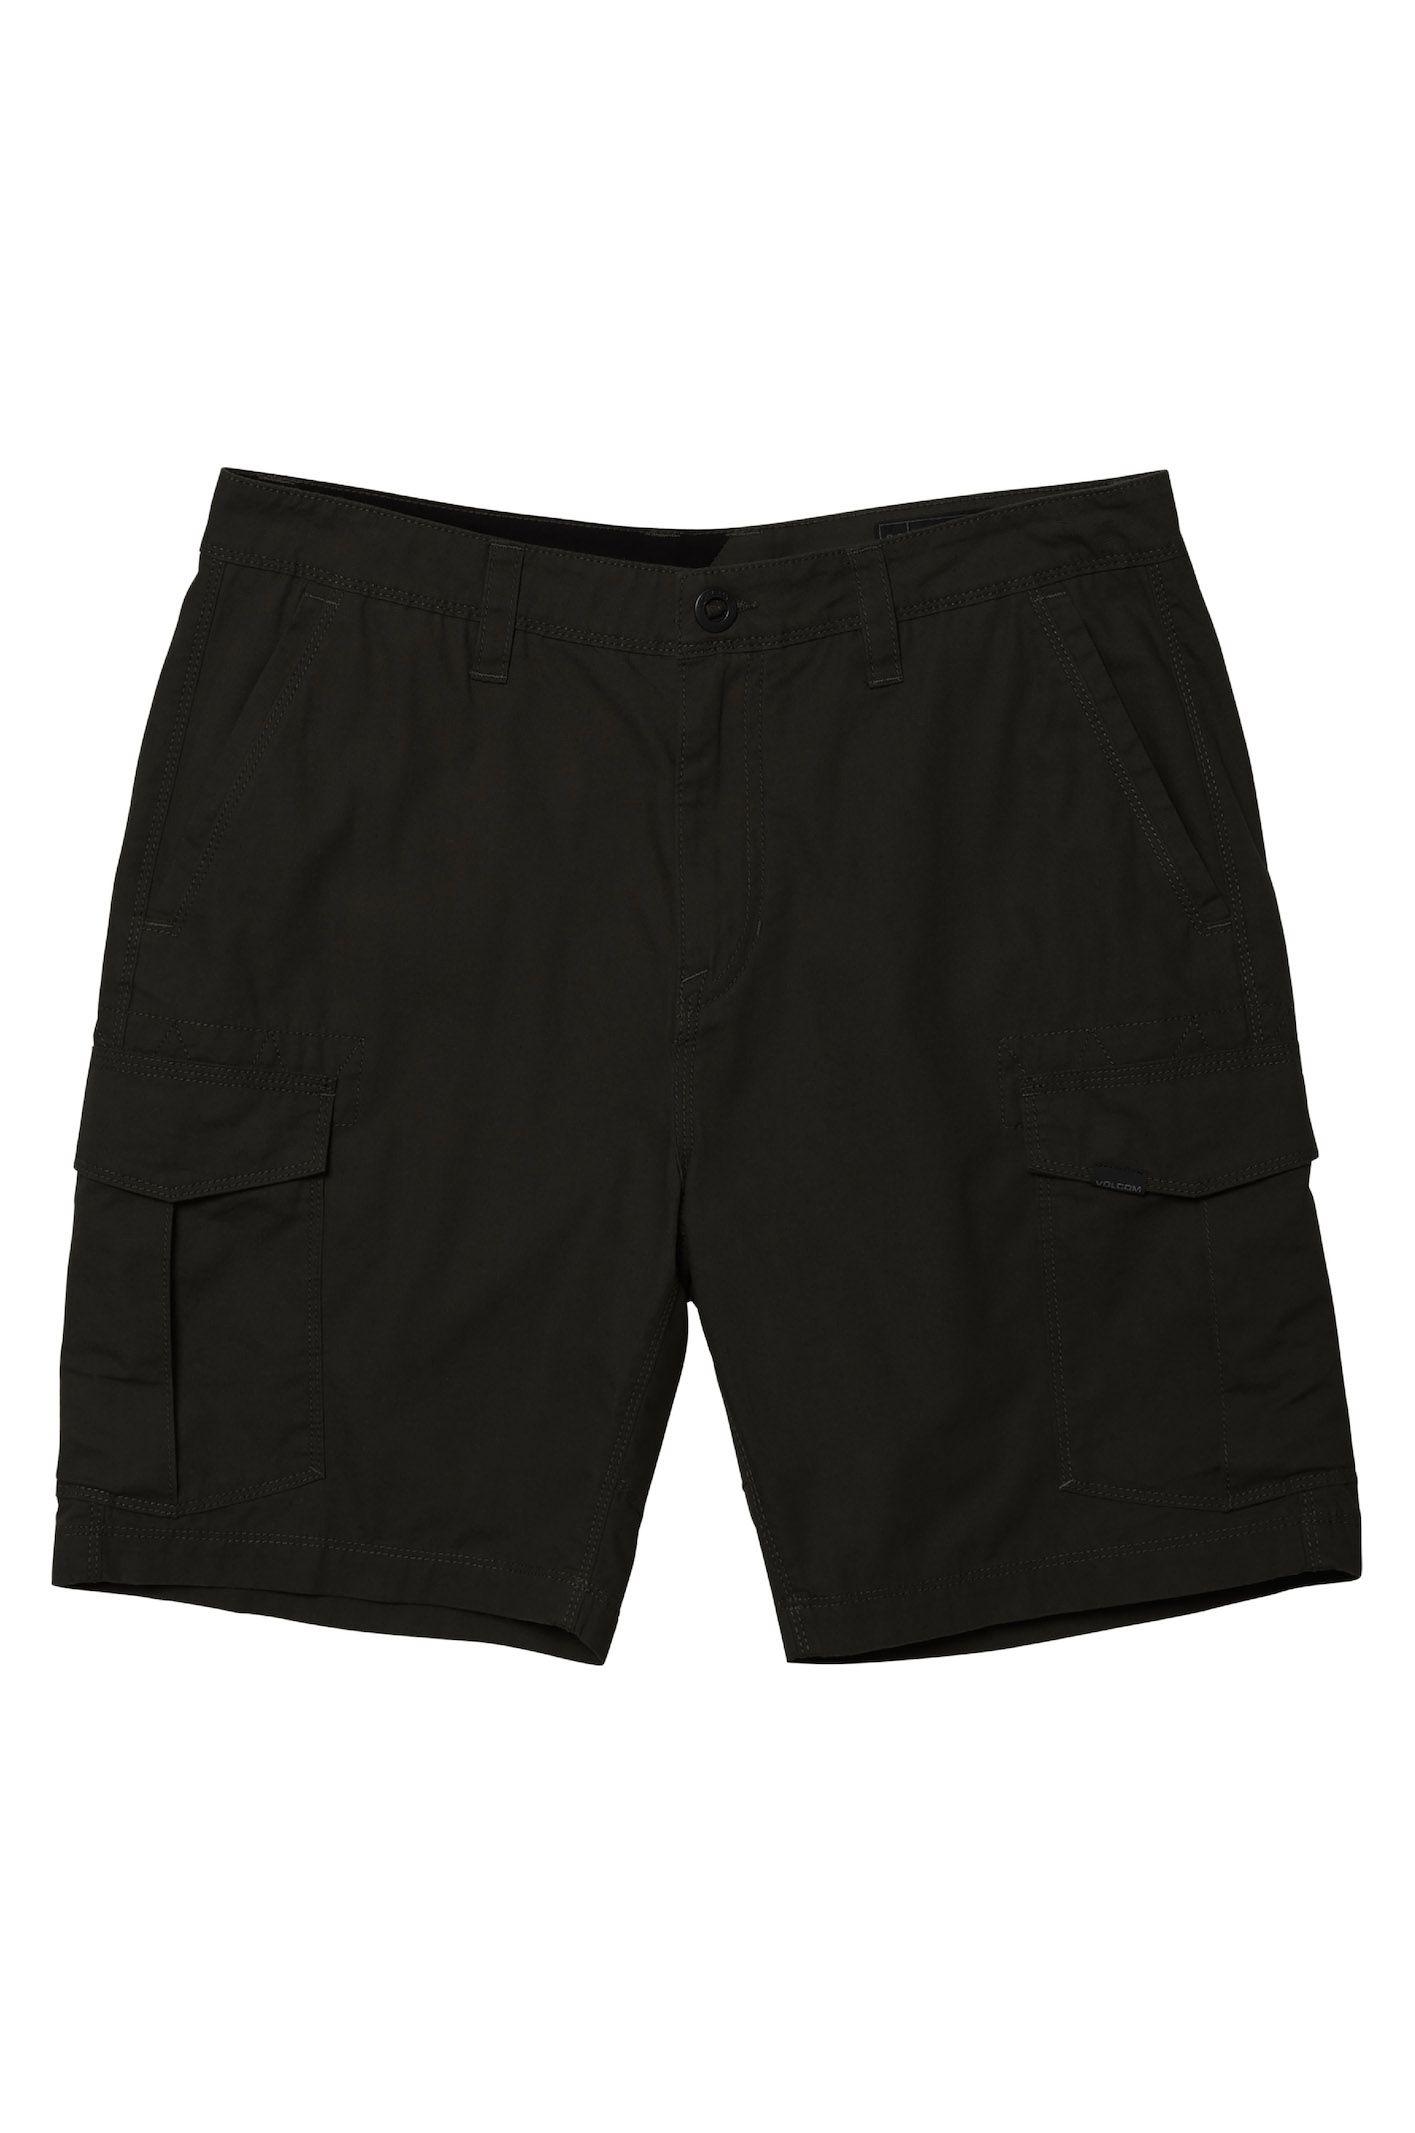 Walkshorts Volcom MITER III CARGO SHORT 20 Black